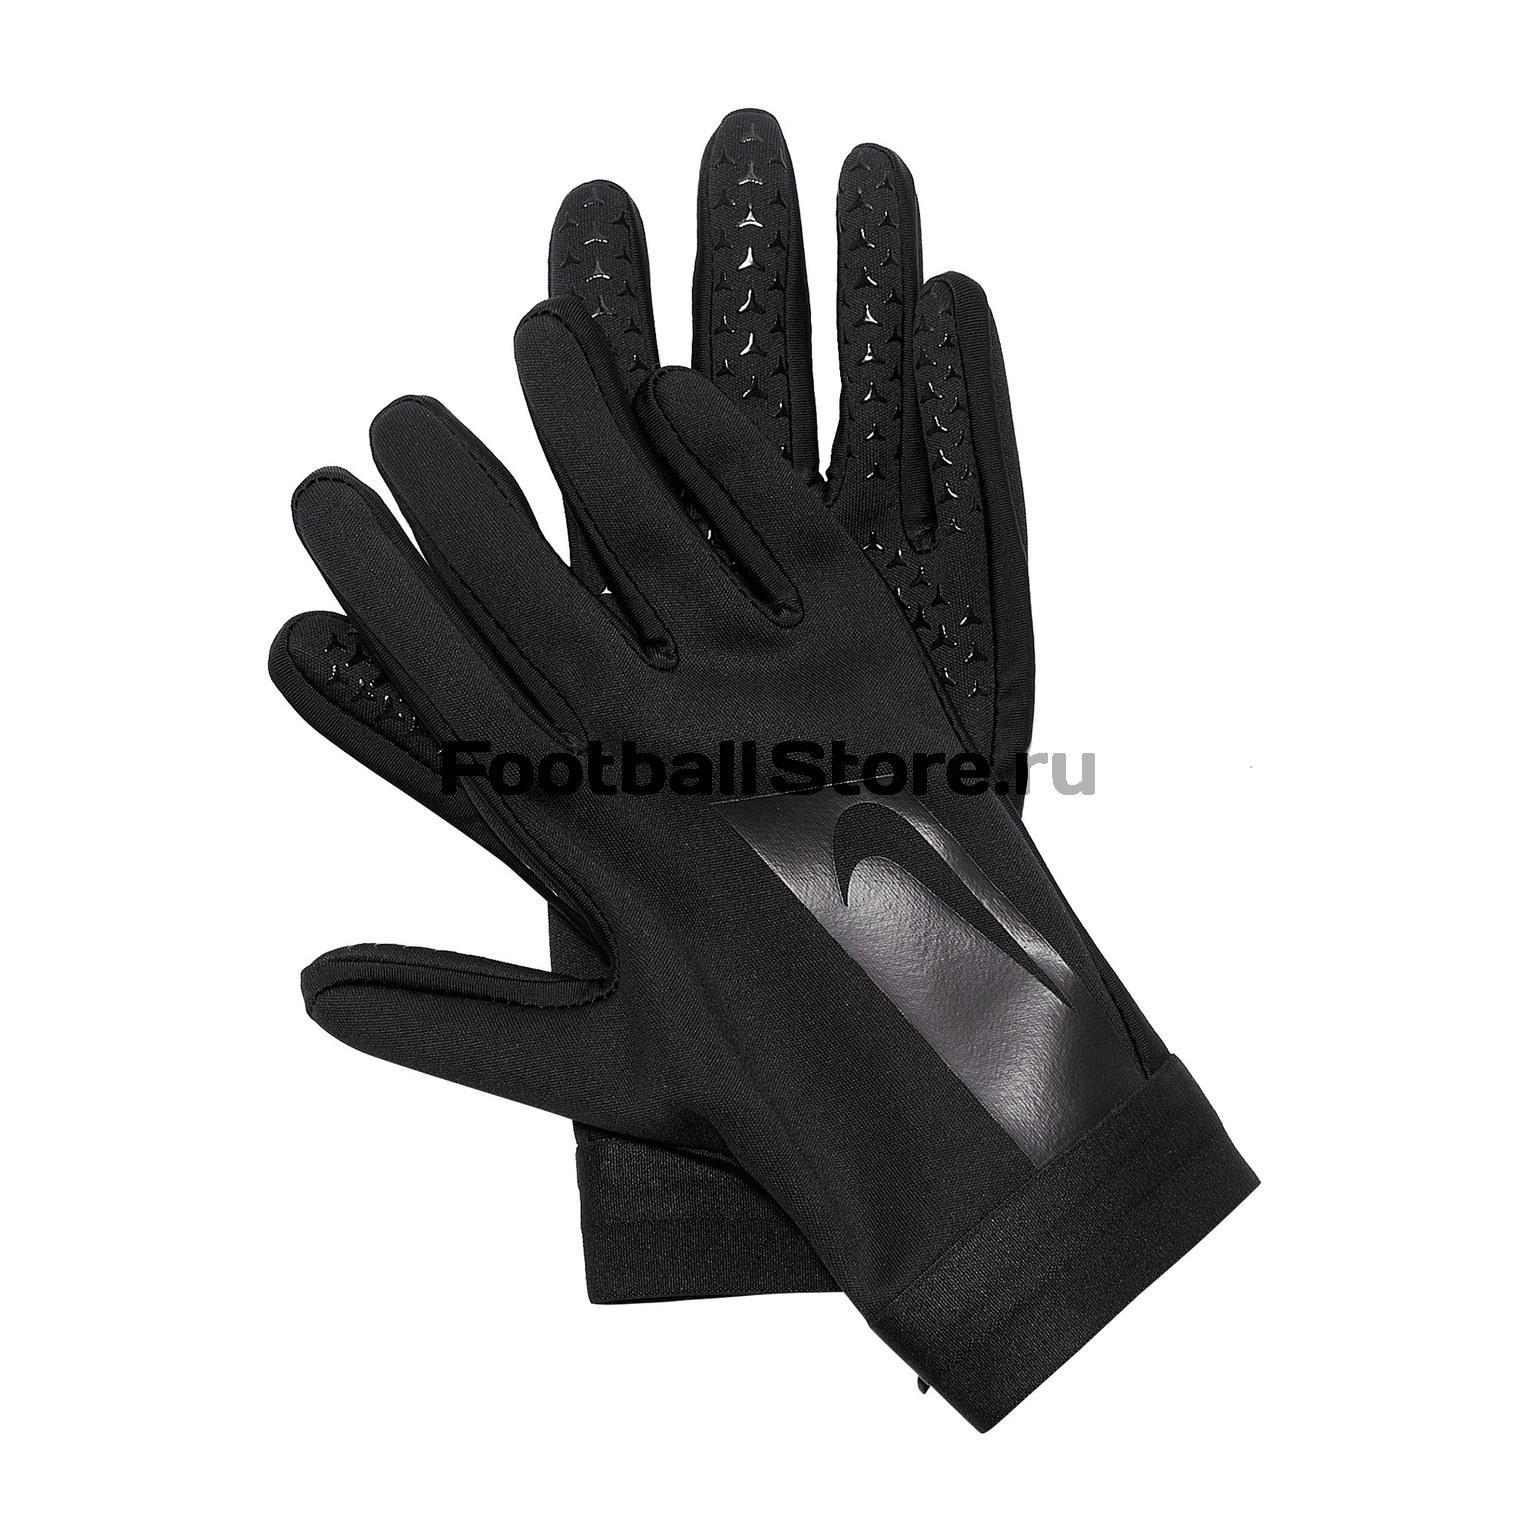 Перчатки тренировочные Nike Academy Hyperwarm GS0373-011 перчатки тренировочные мужские nike цвет черный серый красный размер l